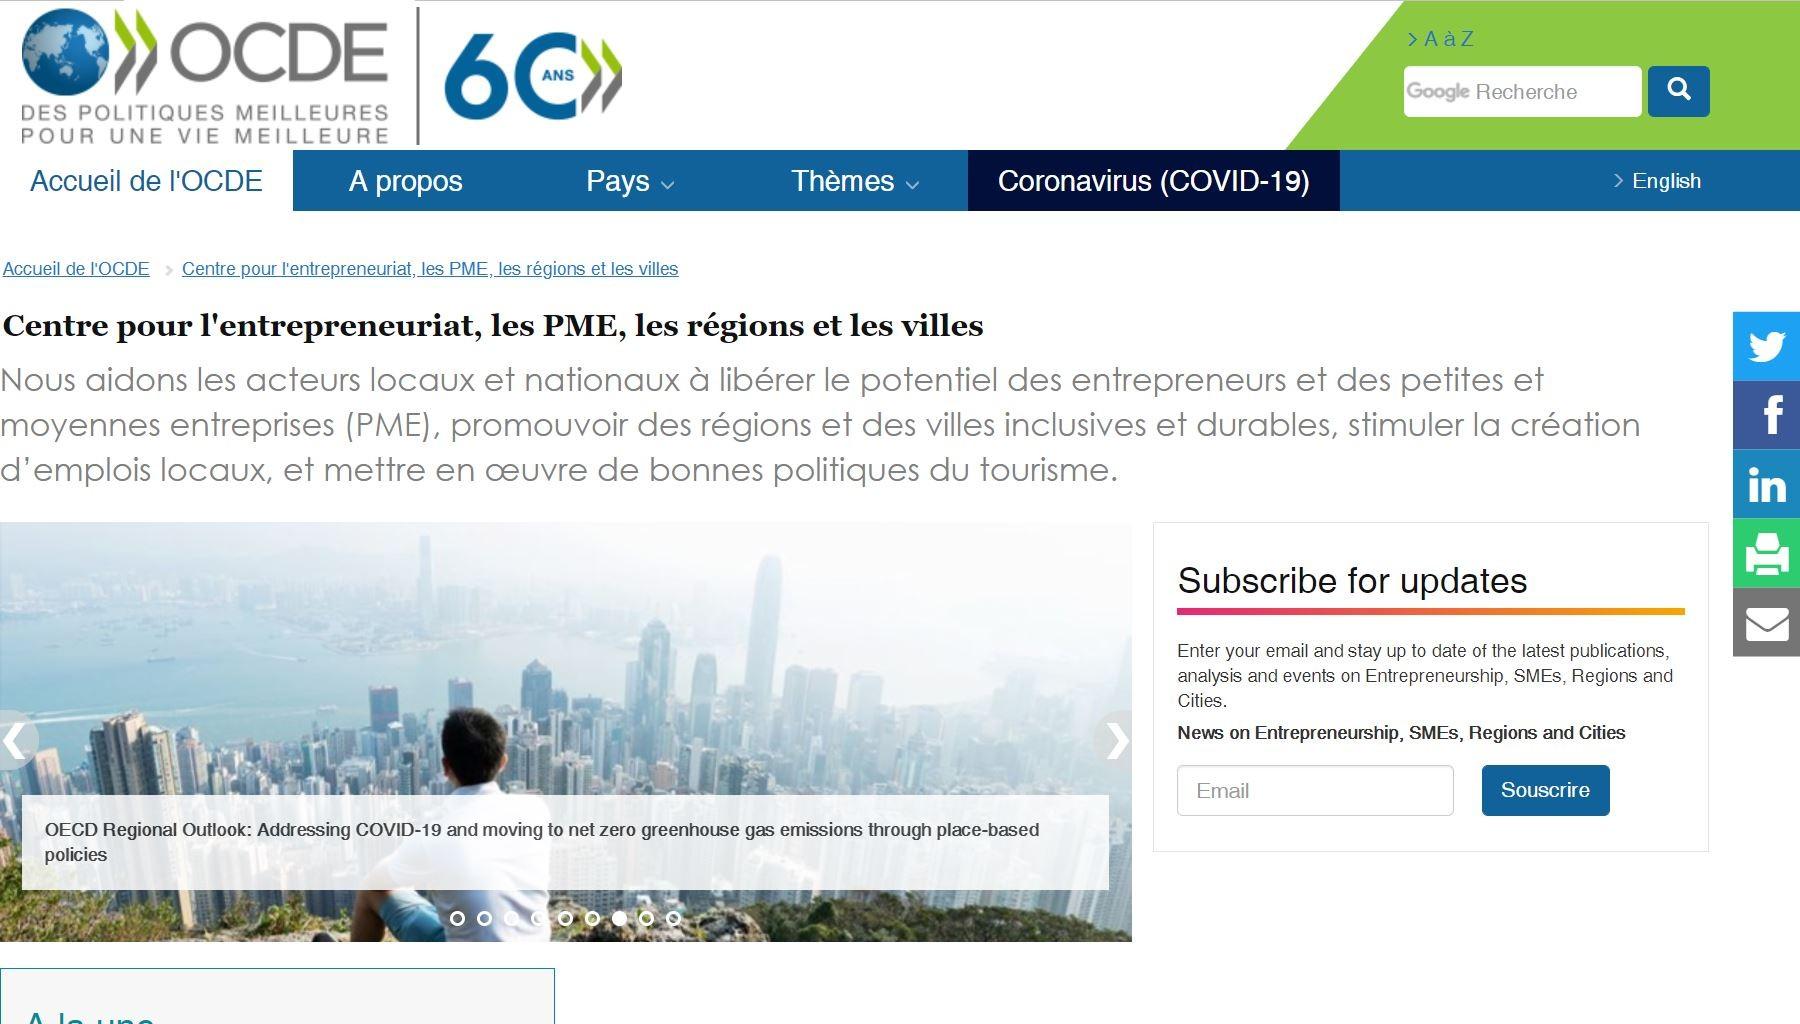 Lire plus de le Centre pour l'entrepreneuriat, les PME, les régions et les villes